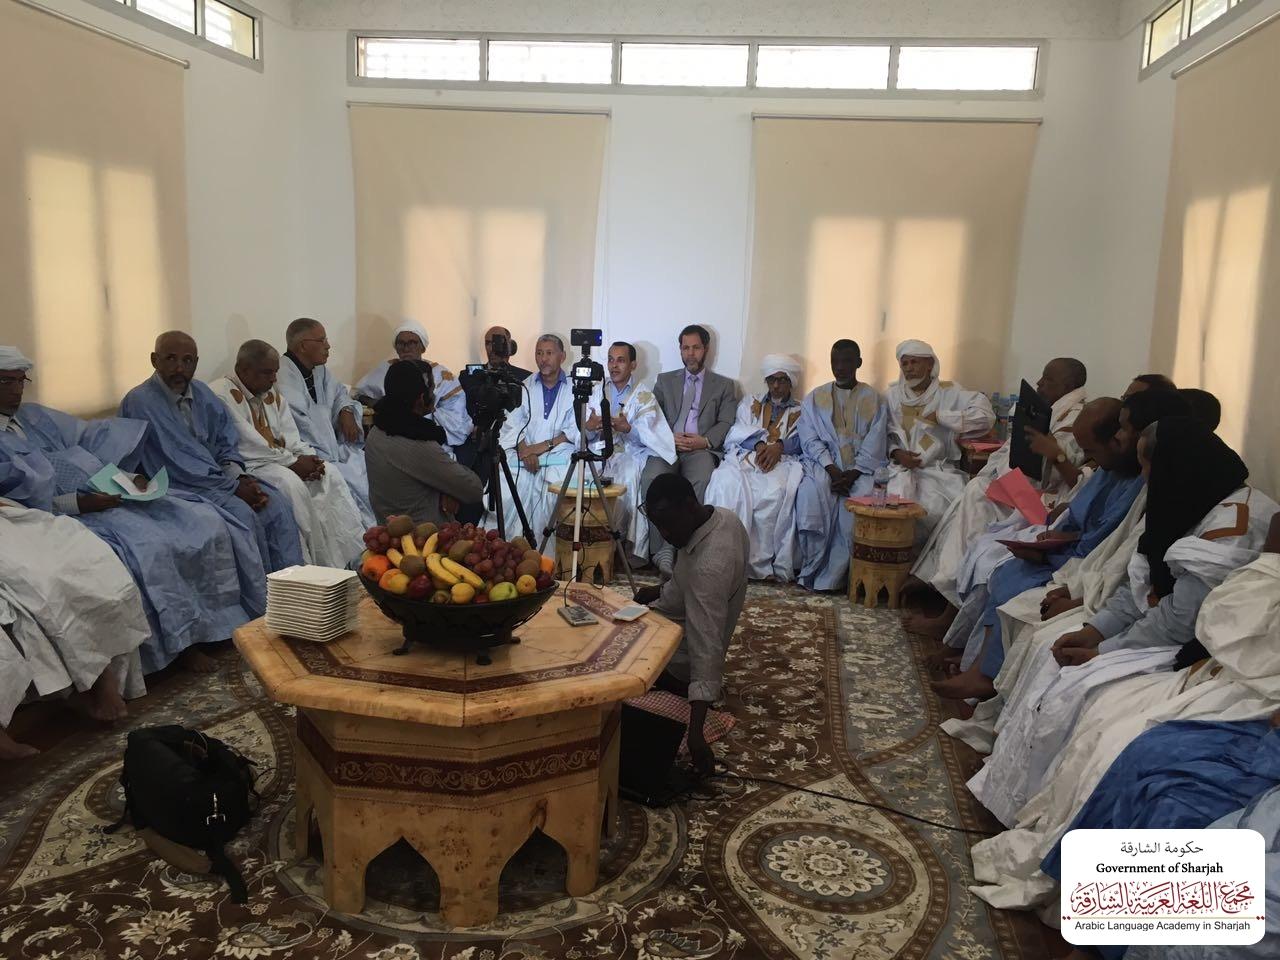 زيارة الأمين العام لموريتانيا تمهيدًا لتأسيس مجلس اللسان العربي بنواكشوط